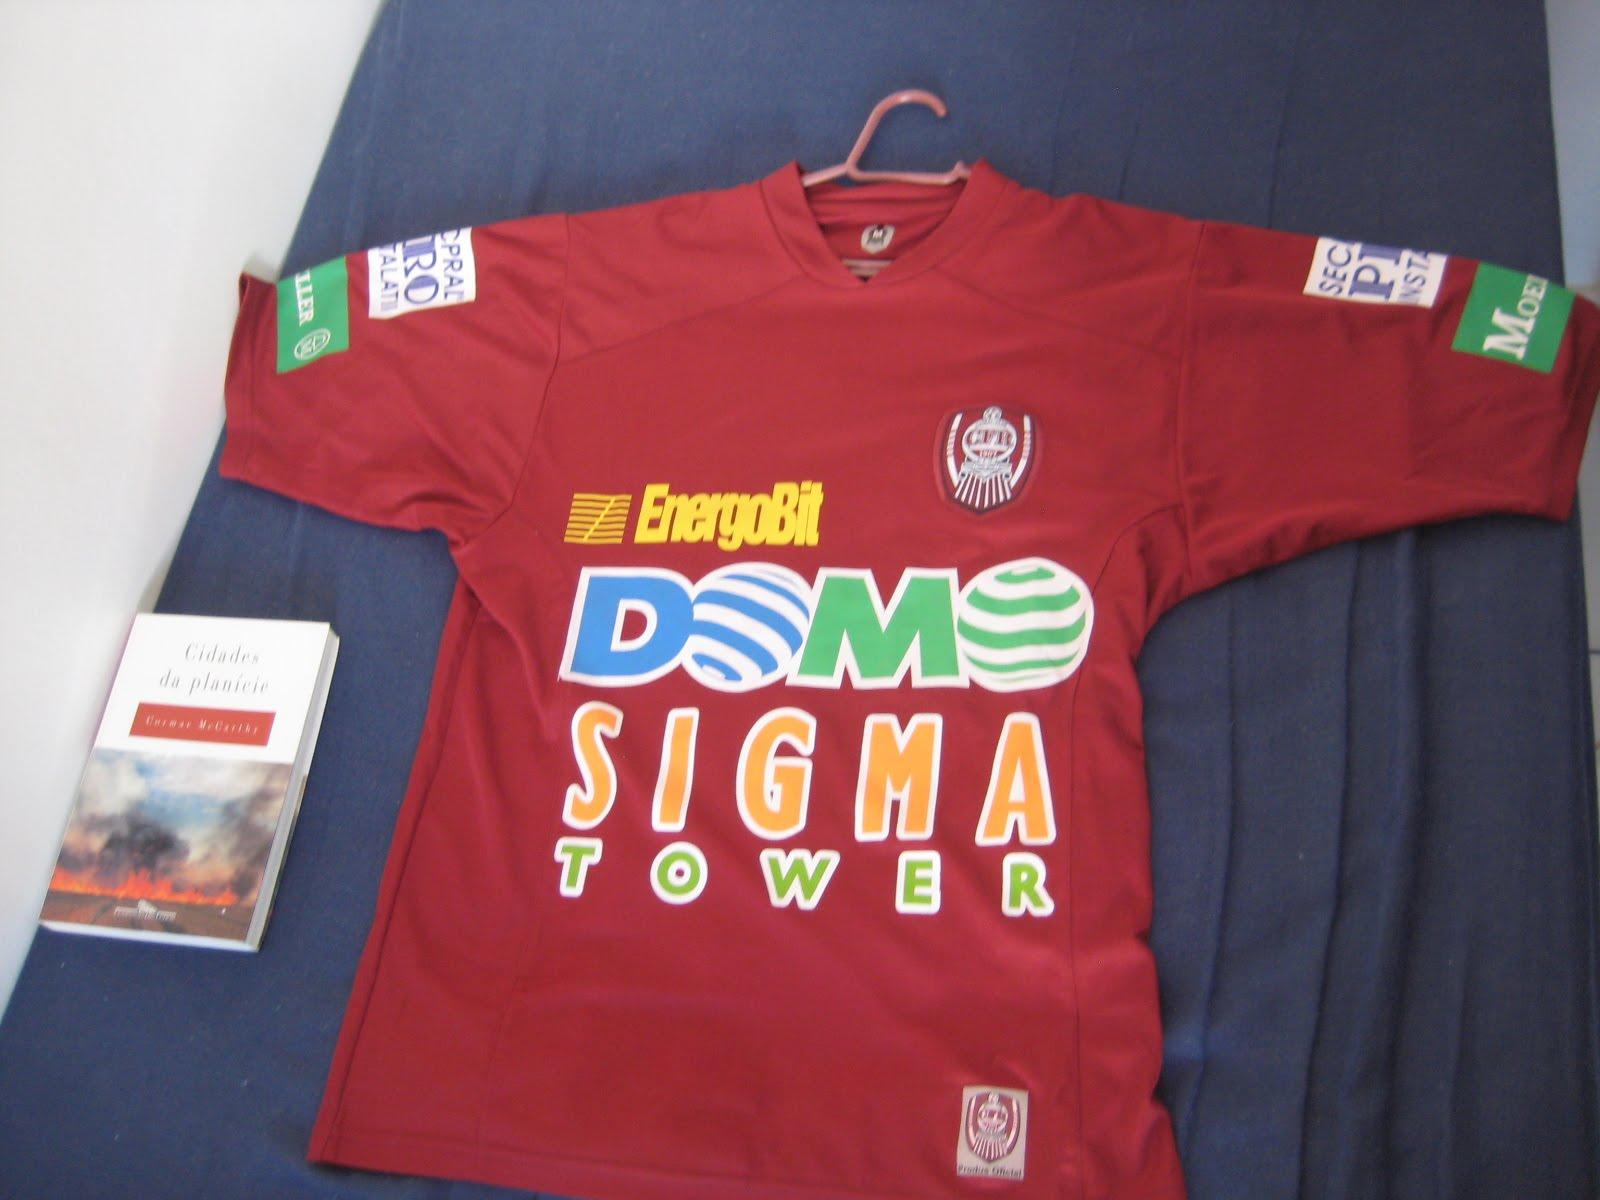 A camisa possui o nome do jogador brasileiro Didi 133d4964e75df